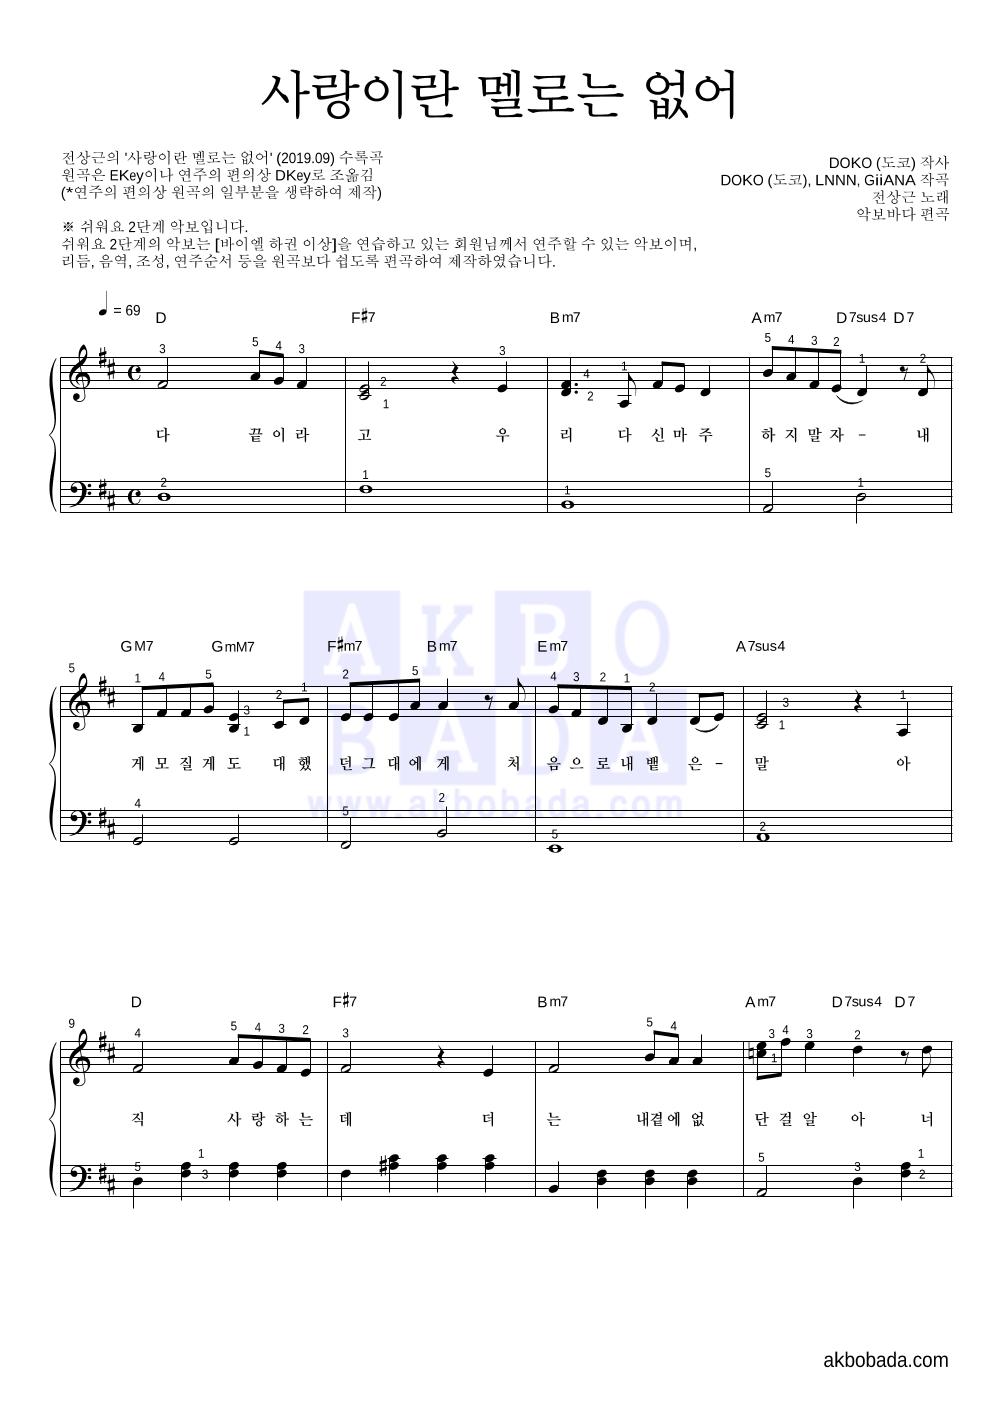 전상근 - 사랑이란 멜로는 없어 피아노2단-쉬워요 악보